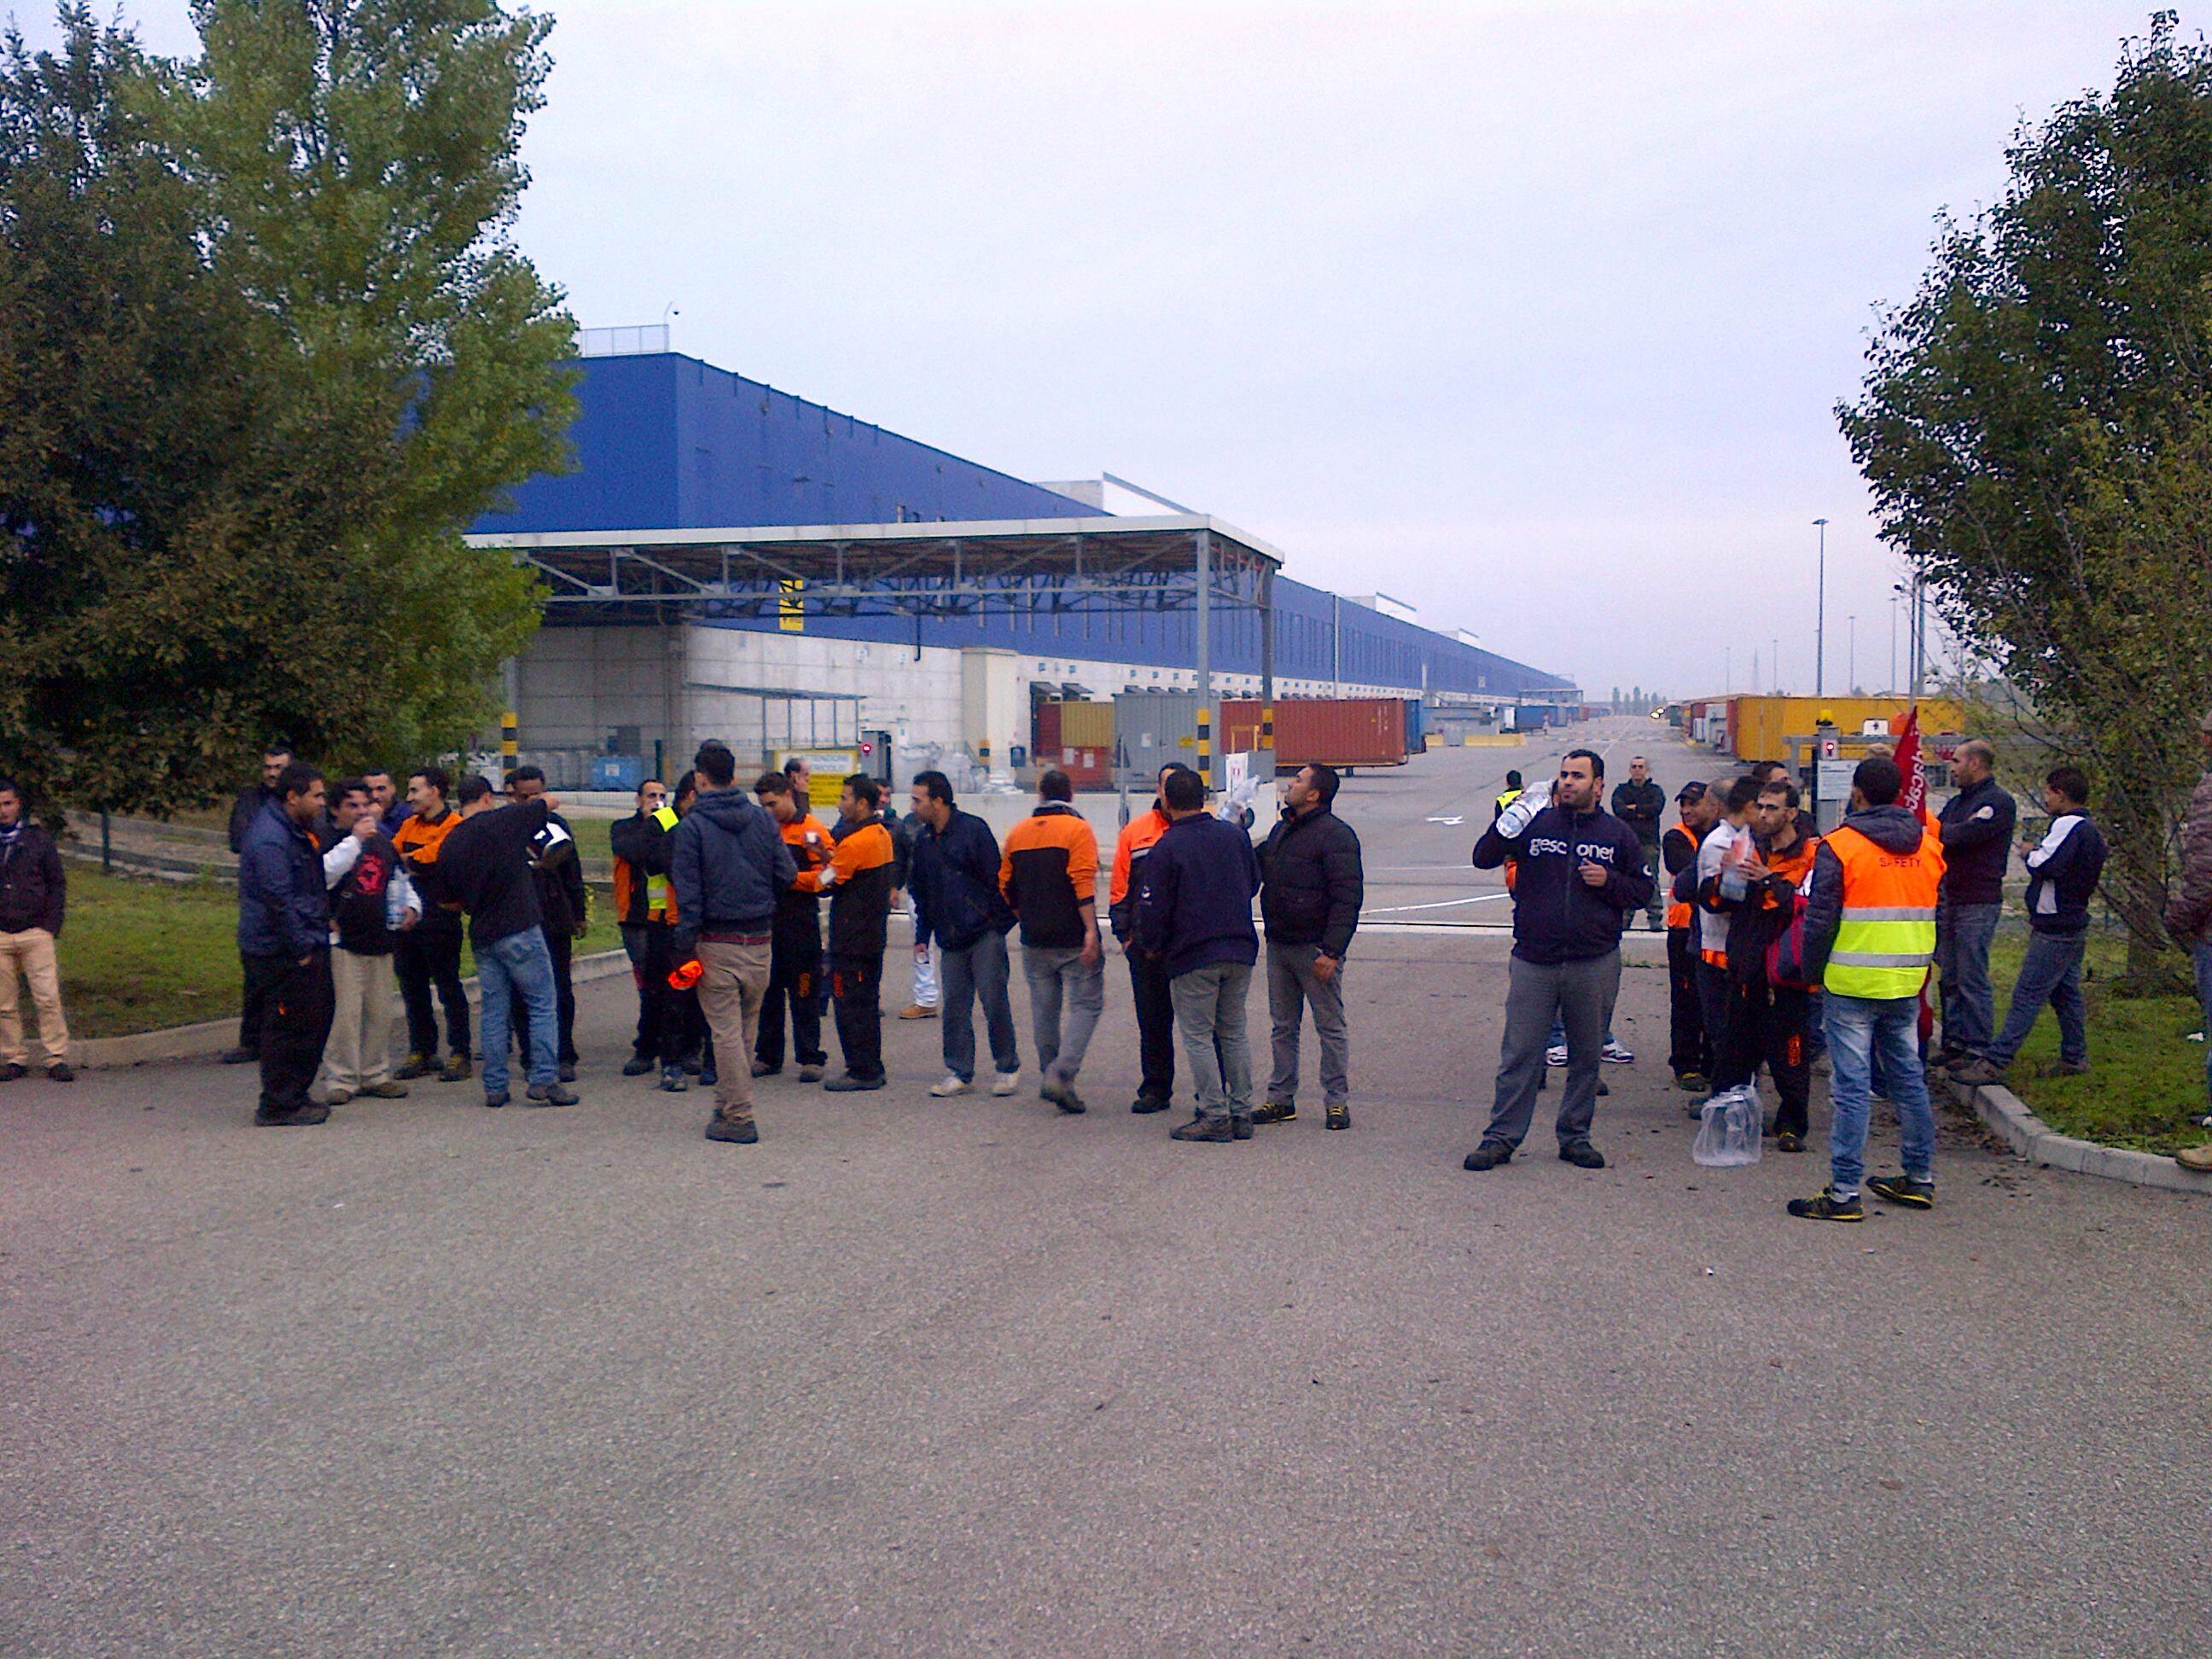 Picchetti all'esterno di Ikea per lo sciopero nazionale dei Si-Cobas